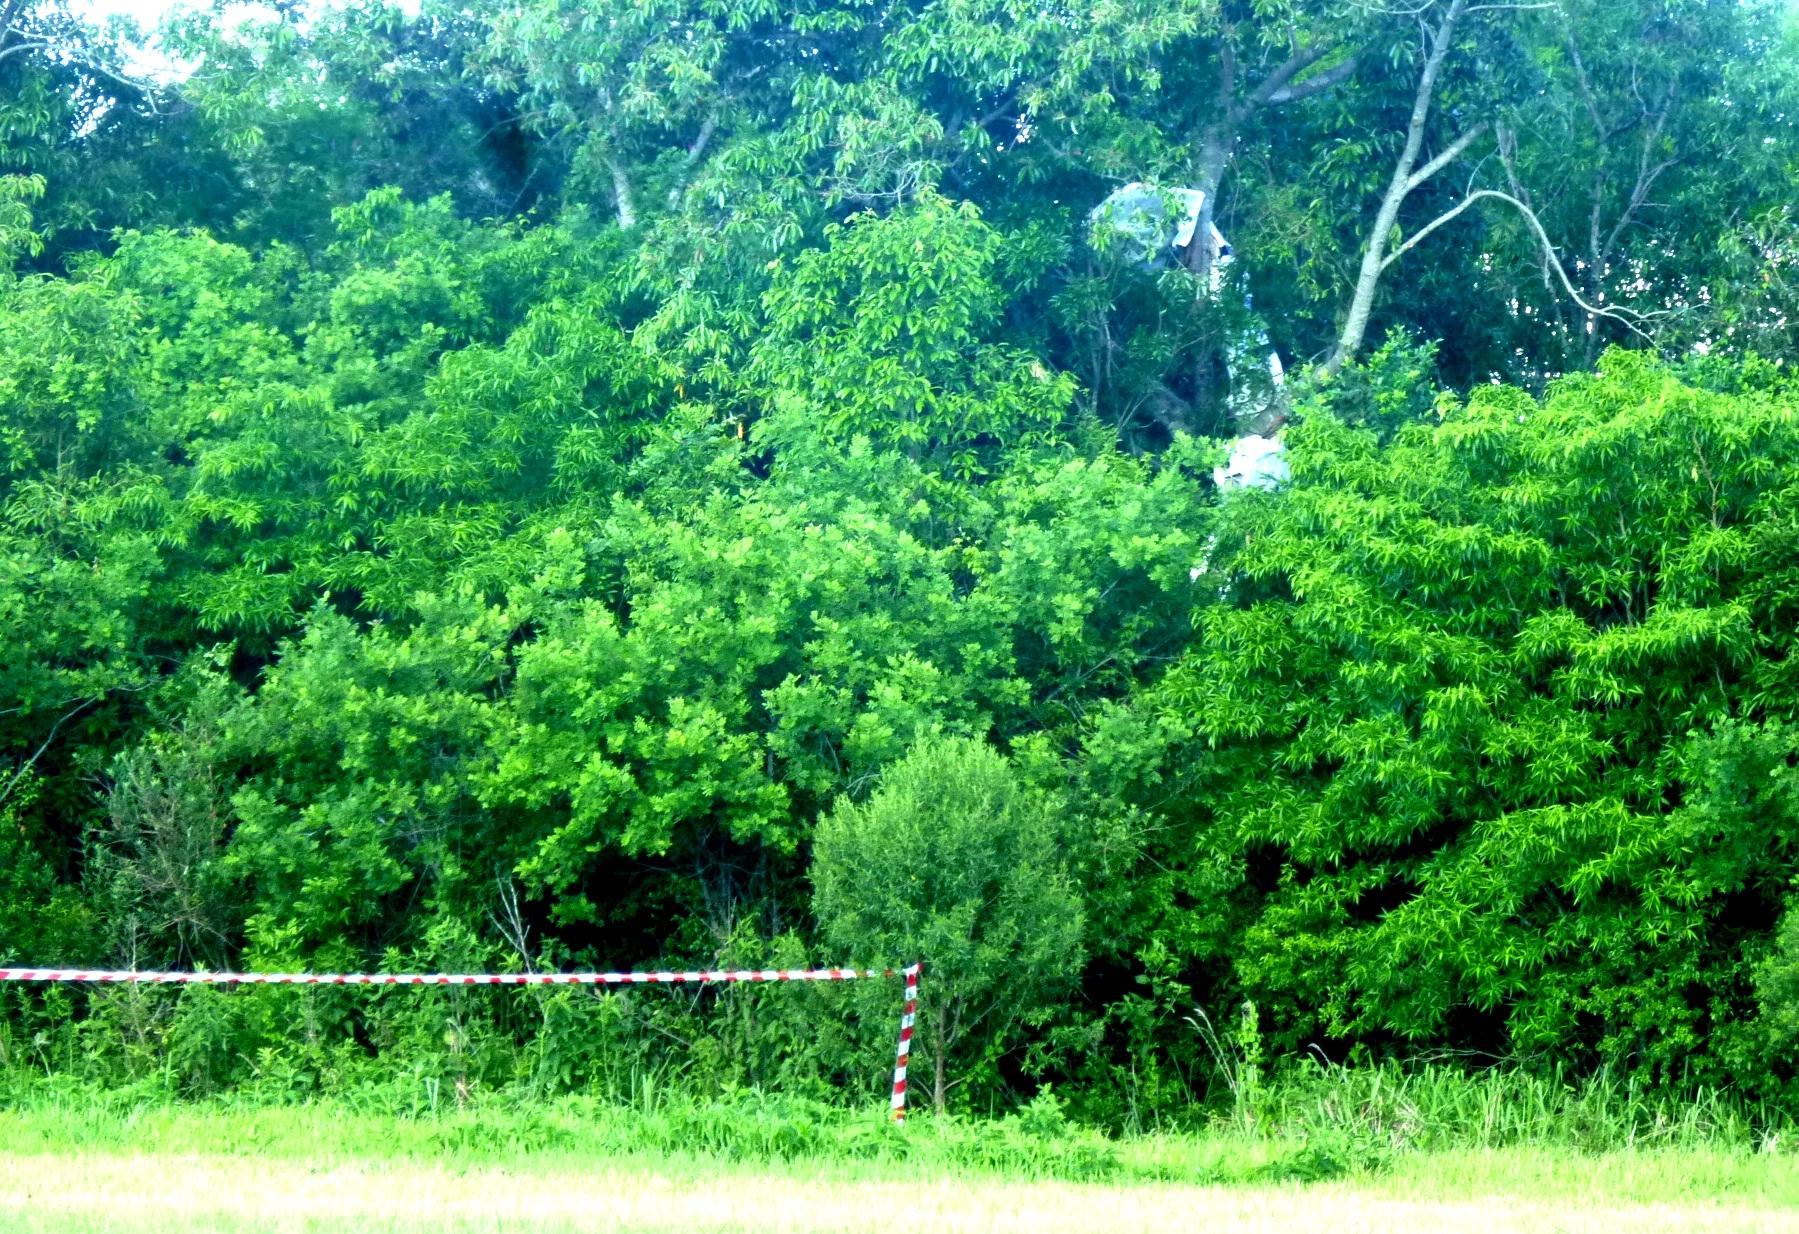 Los restos de la avioneta quedaron sobre las copas de los árboles